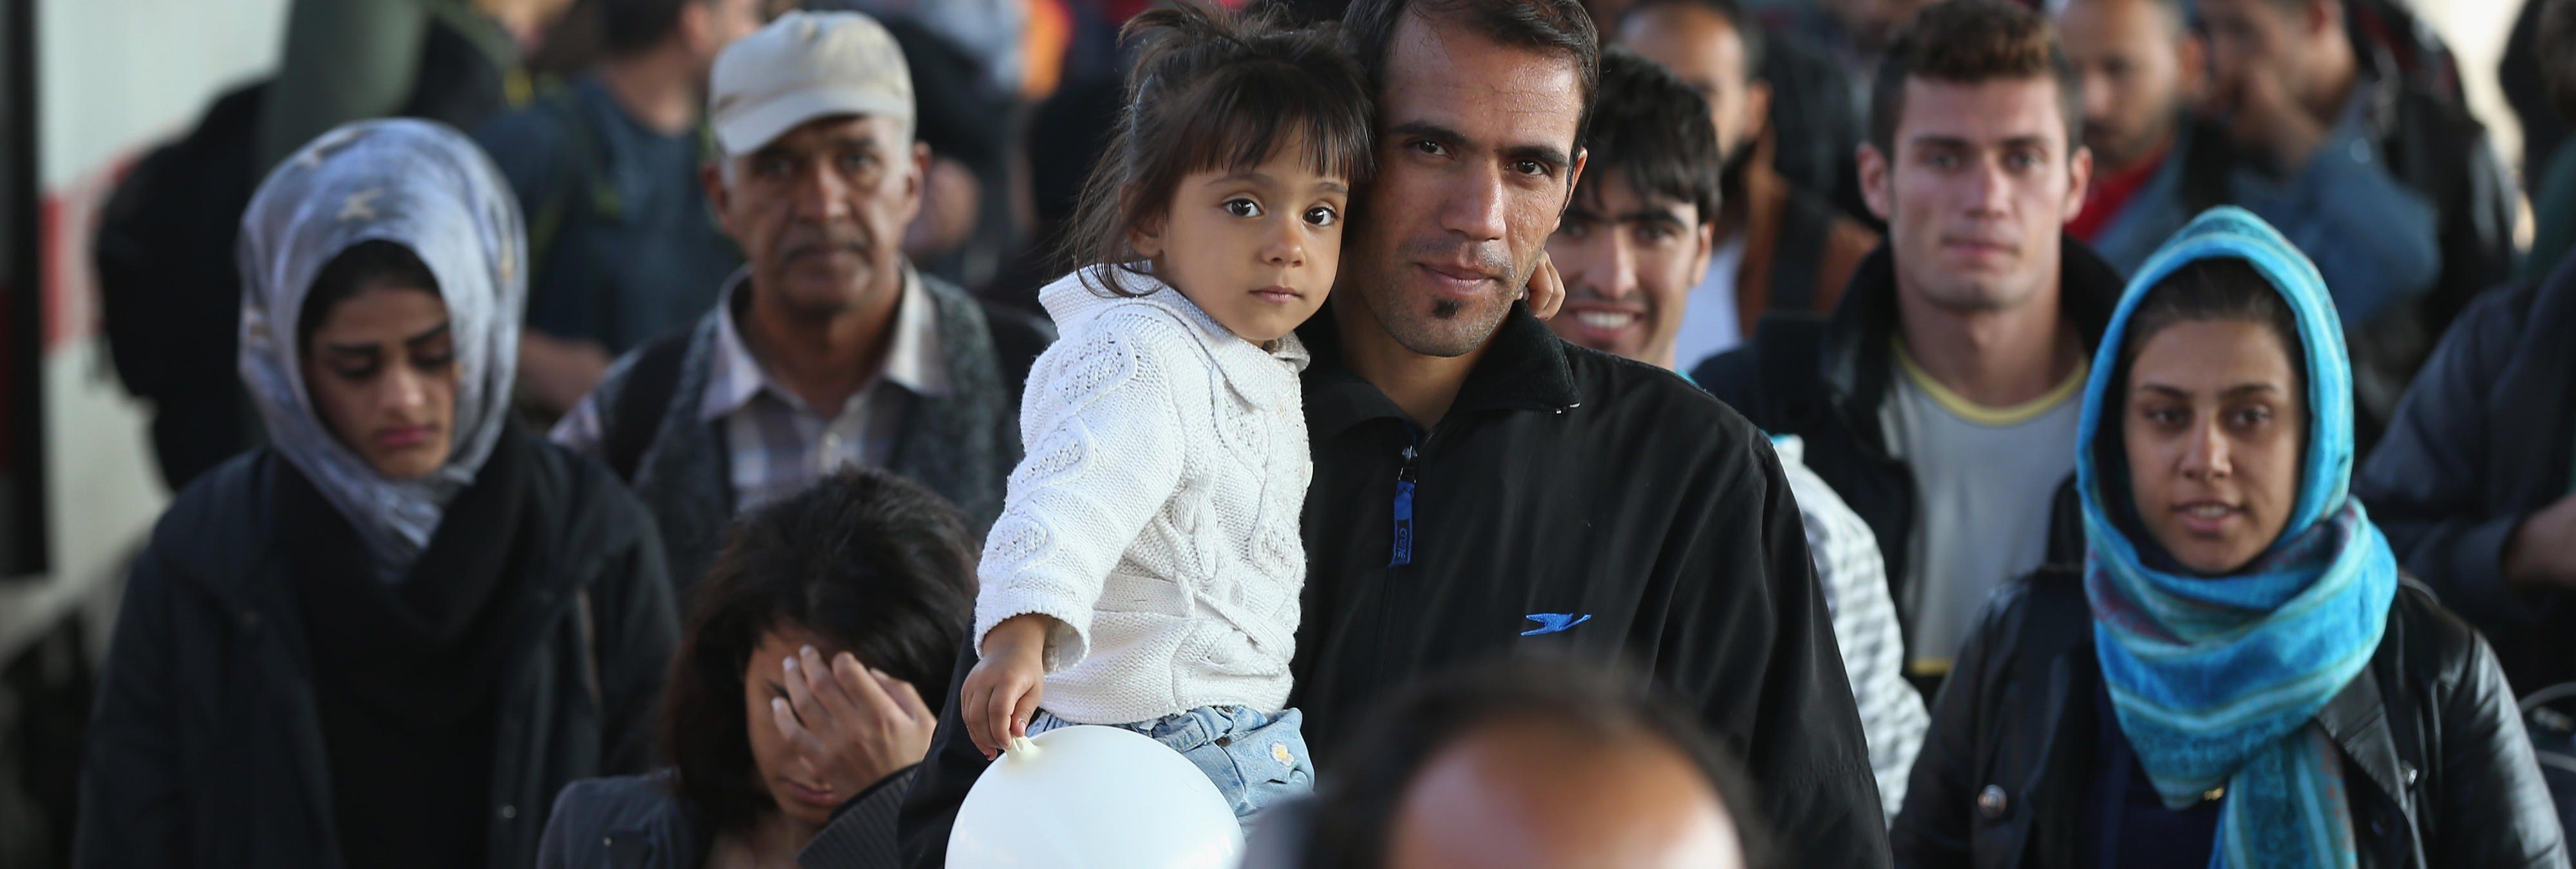 La llegada de inmigrantes y refugiados a Europa hace que las economías mejoren